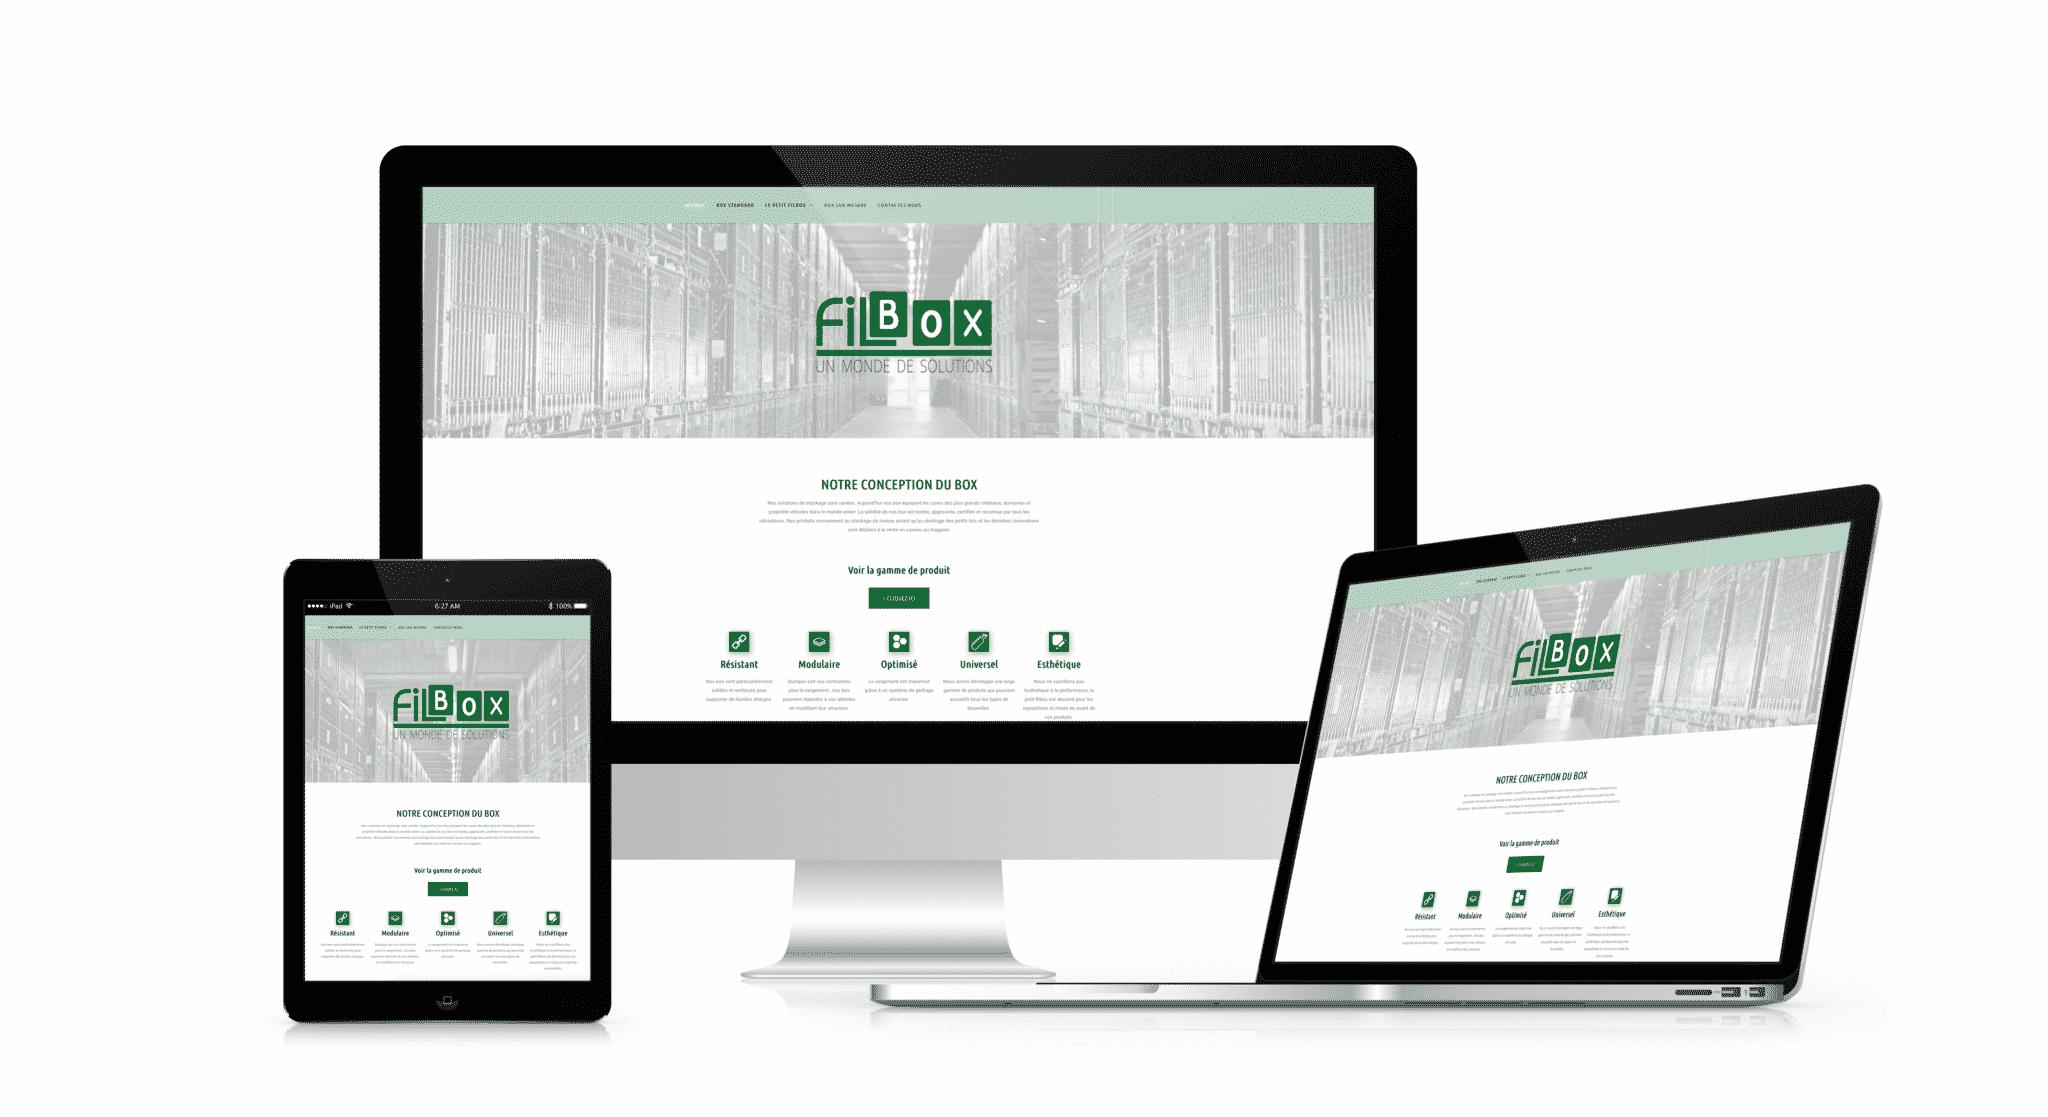 Nouveau site internet pour l'entreprise Filbox.